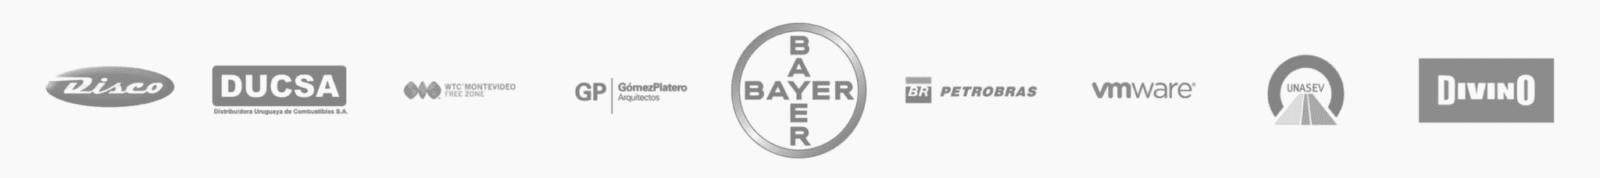 logos de clientes de xn consultores